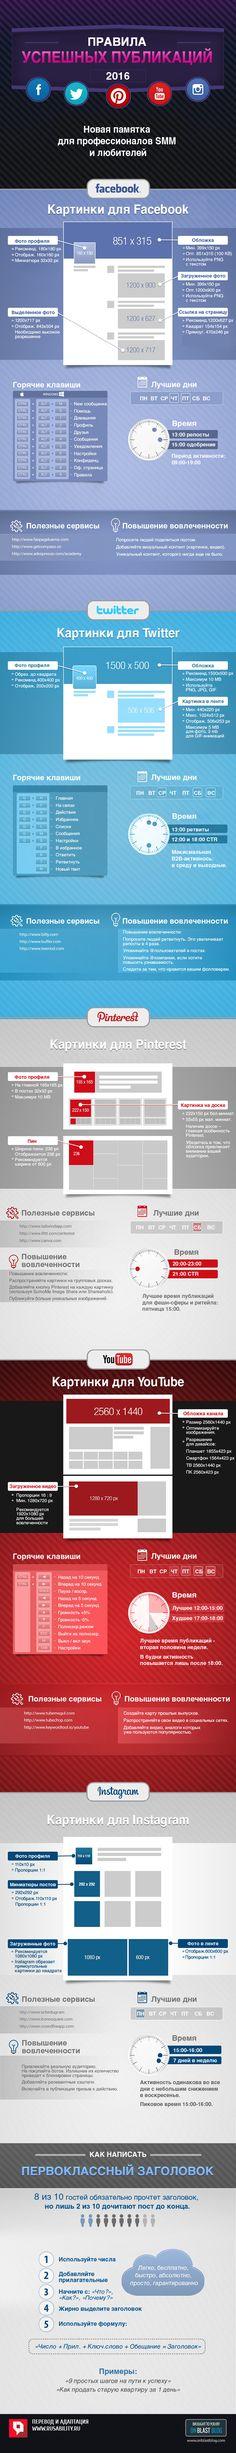 smm, соцсети, социальные сети, network, публикации, посты, инфографика, контент, маркетинг